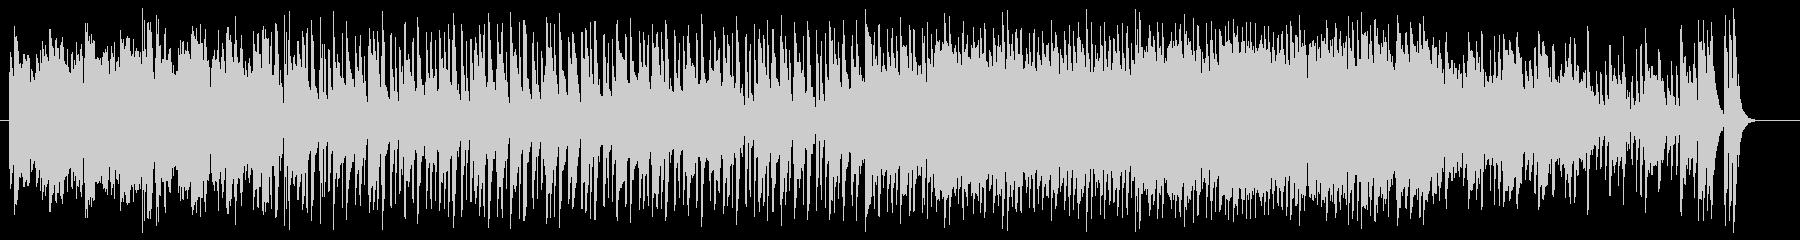 シンセサイザーによるボサノバの未再生の波形